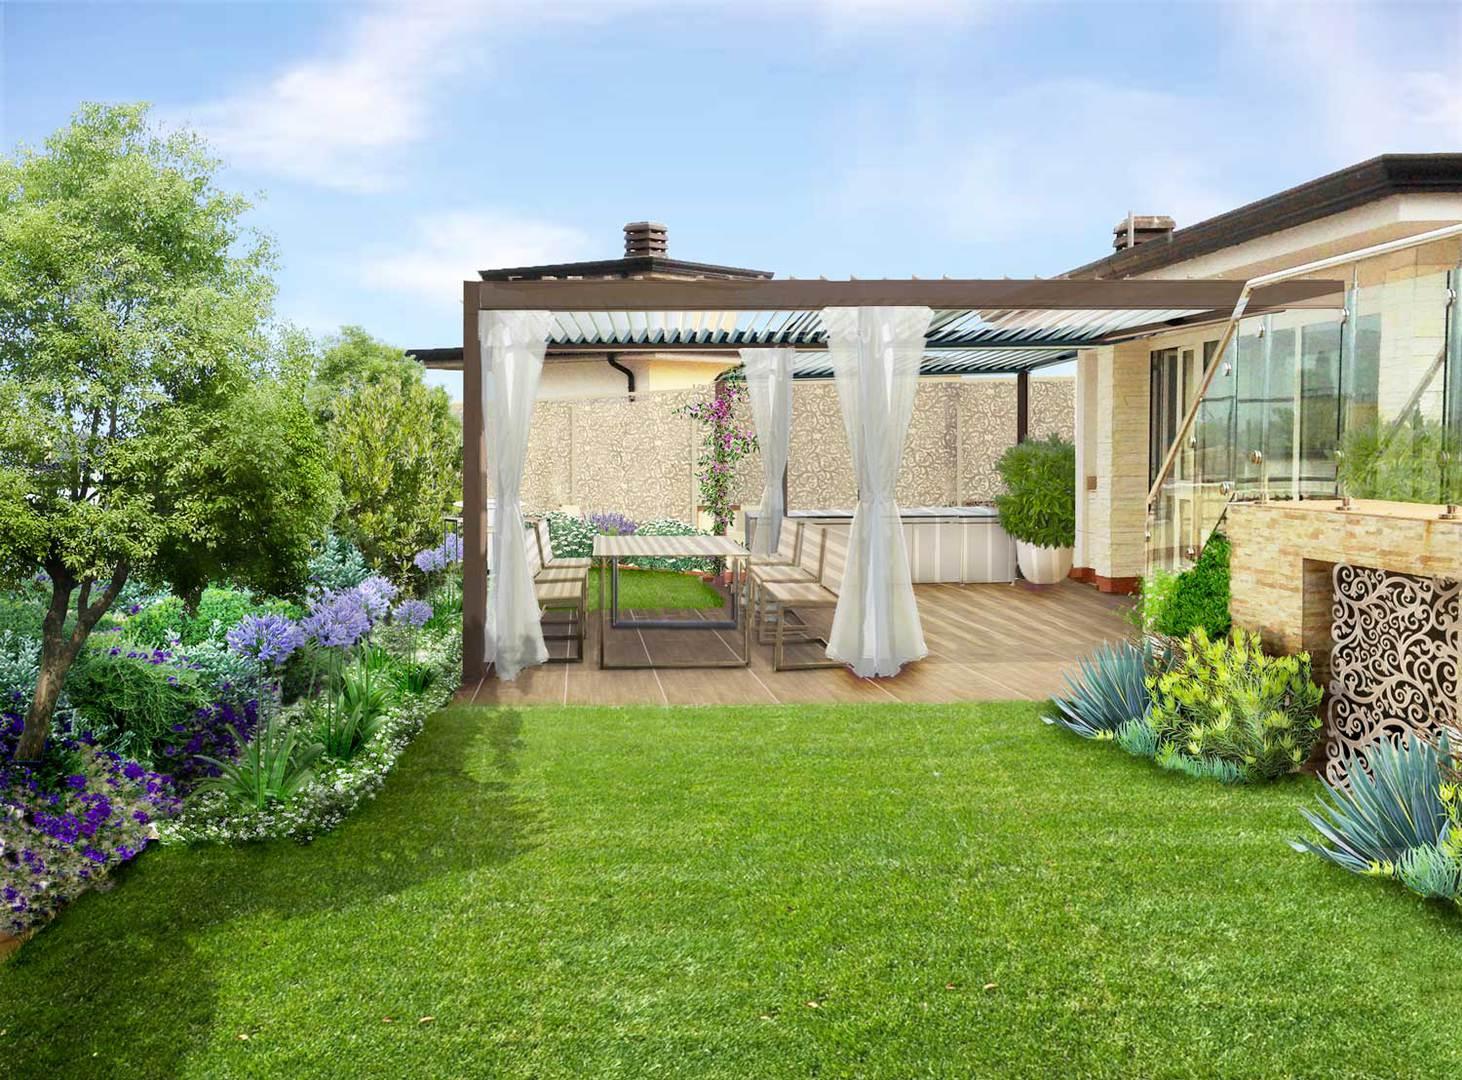 Verde progetto giardini pensili a benevento for Giardini pensili